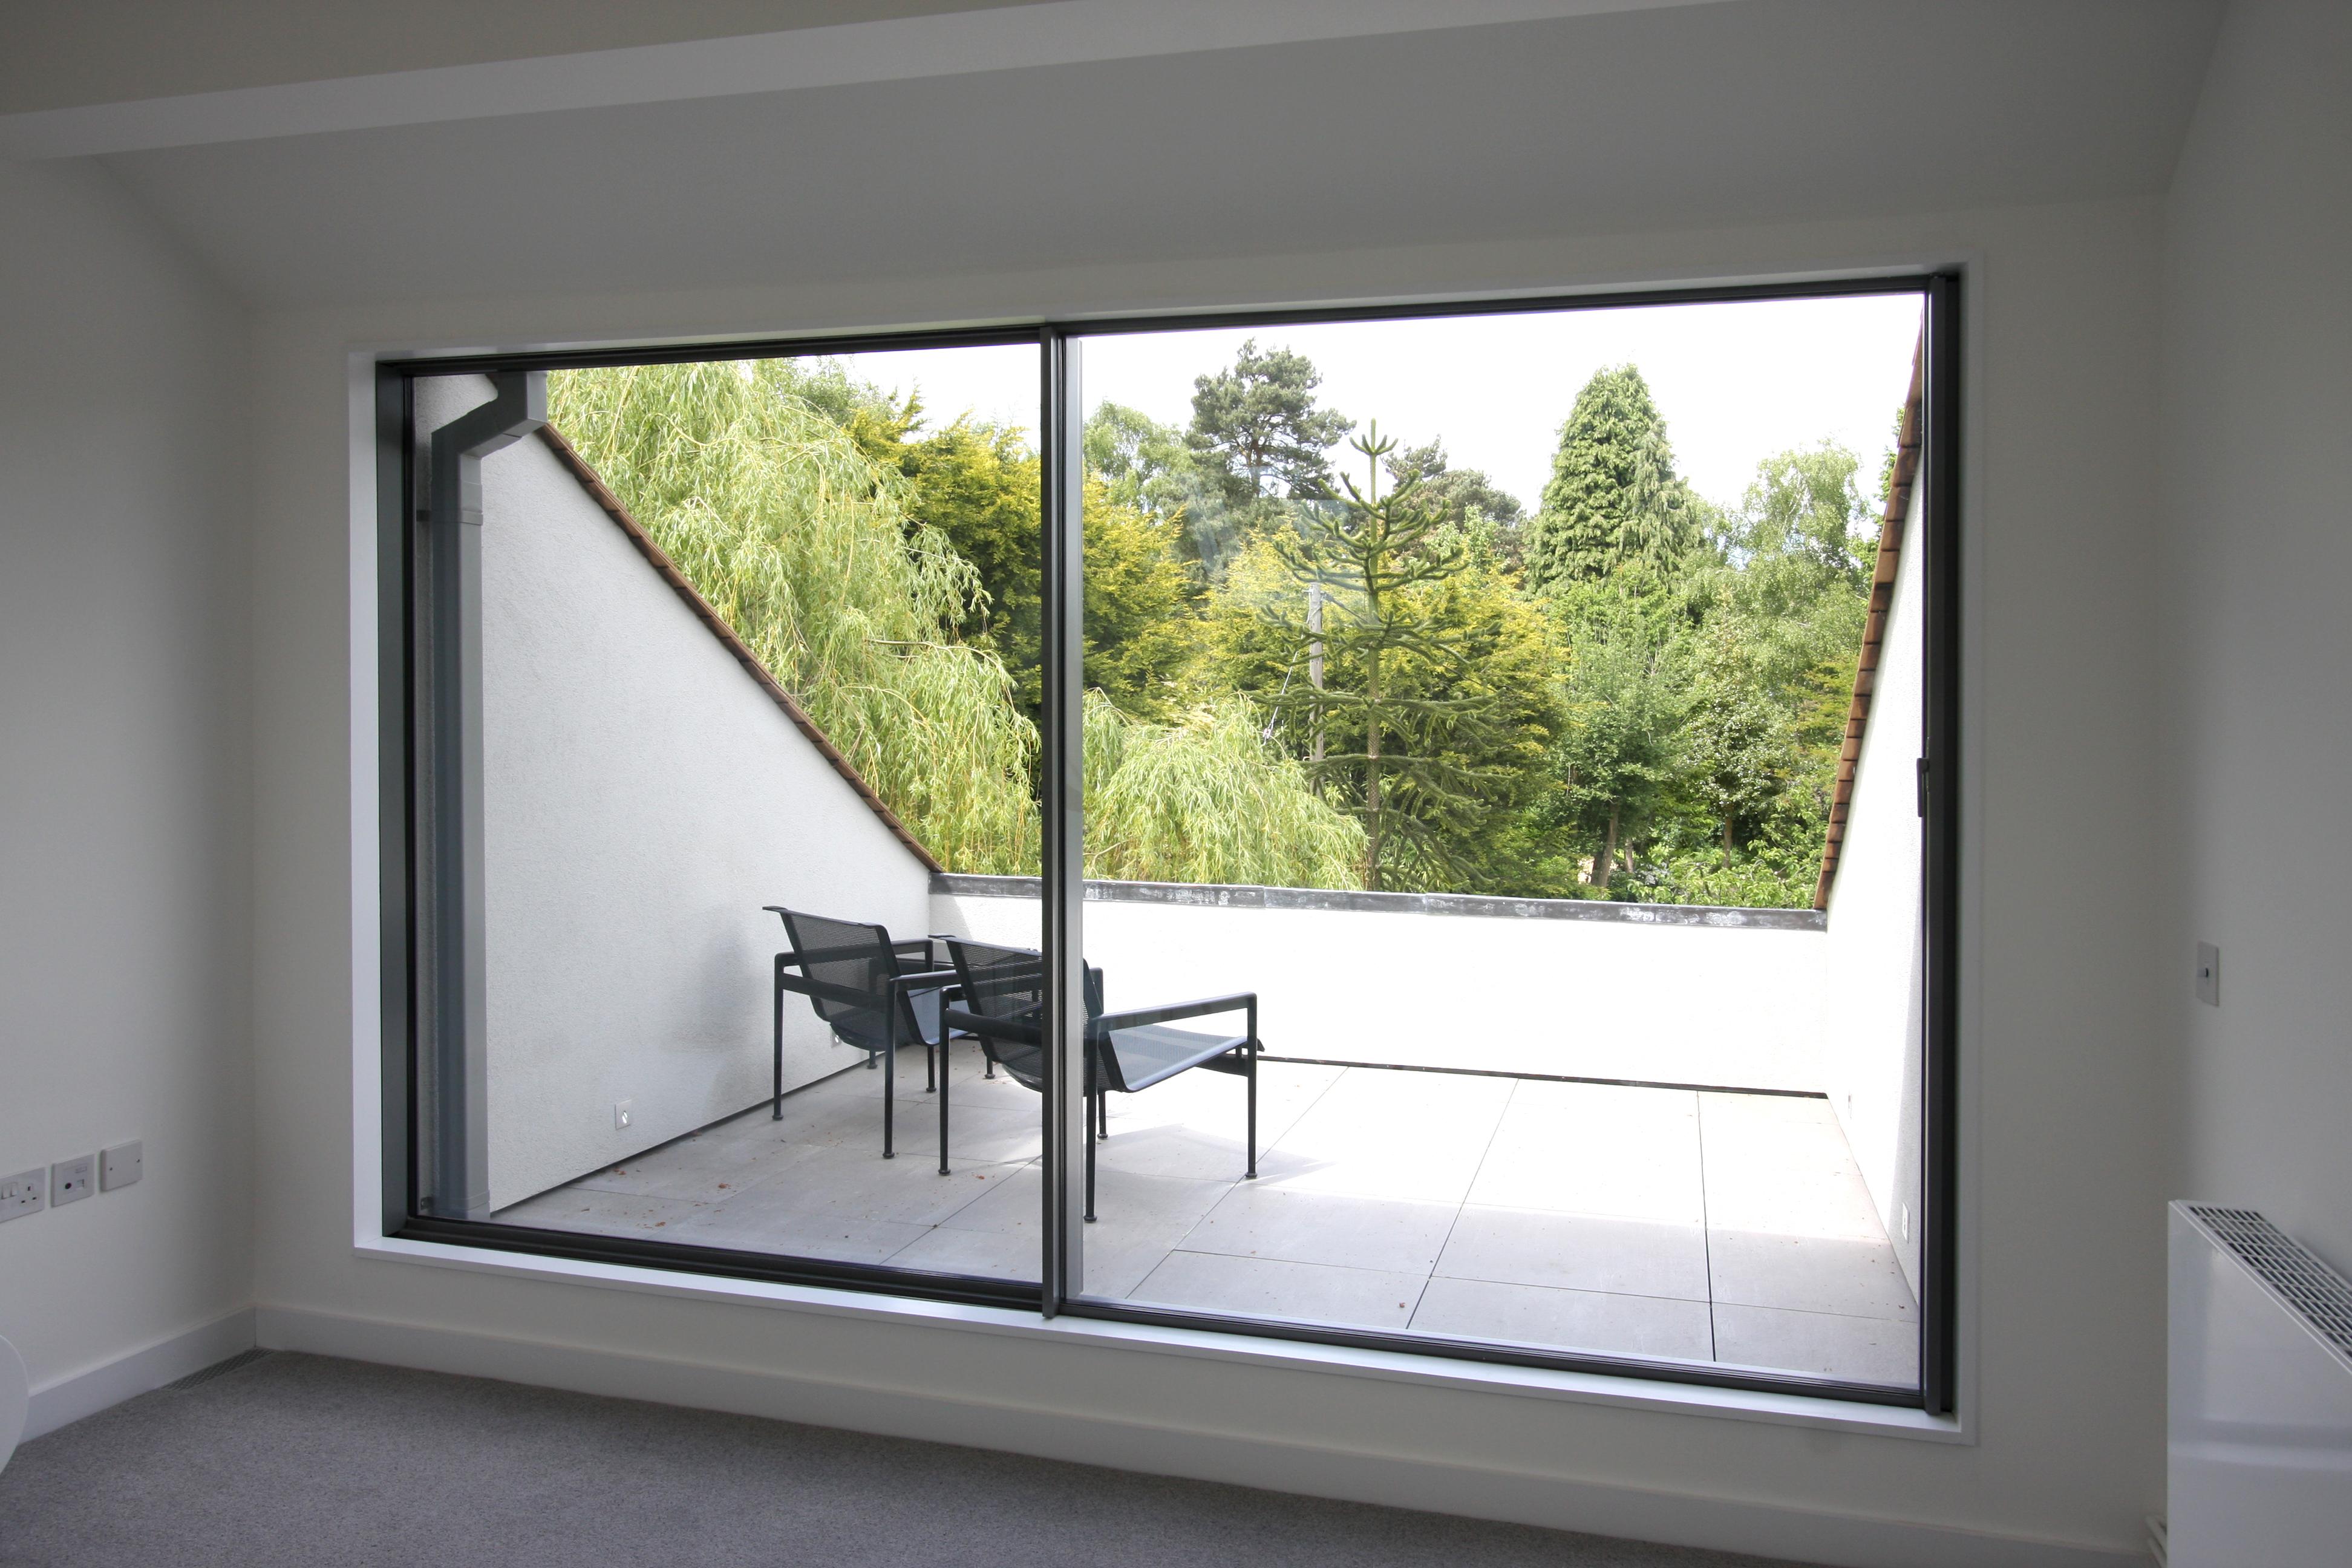 House extensions archives slim frame sliding glass doors for 1st floor balcony design